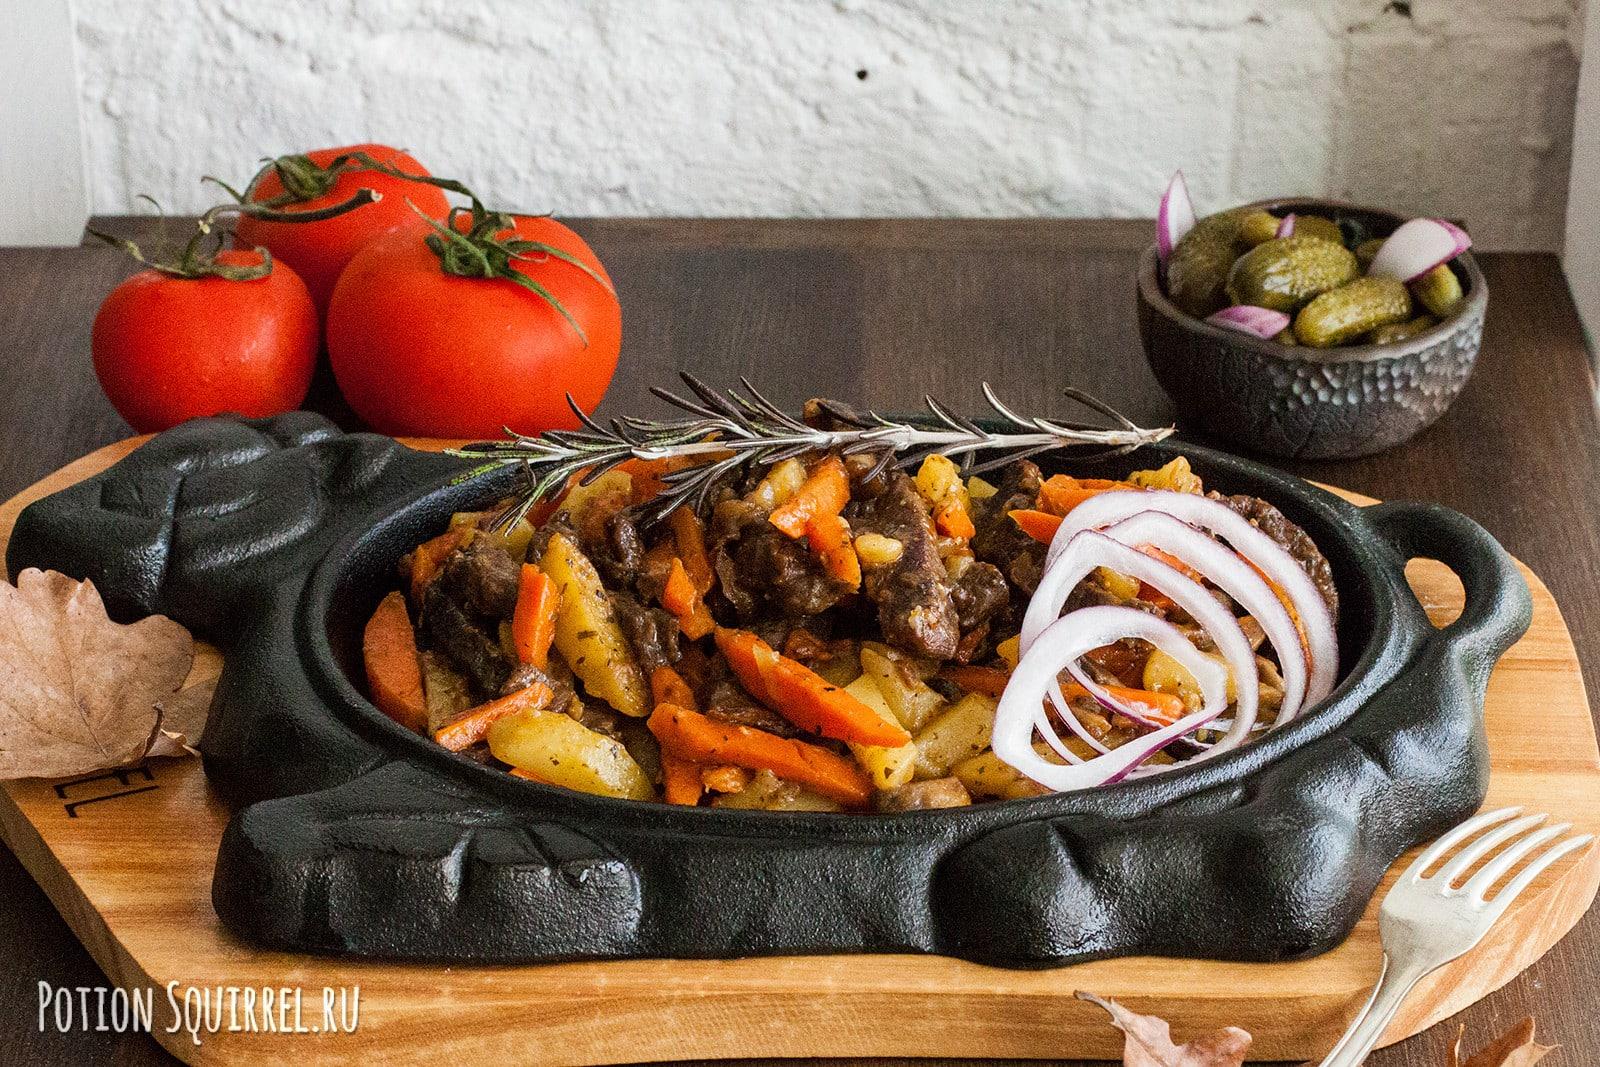 Рассыпчатая пропаренная говядина, тушеная с овощами и пряными травами